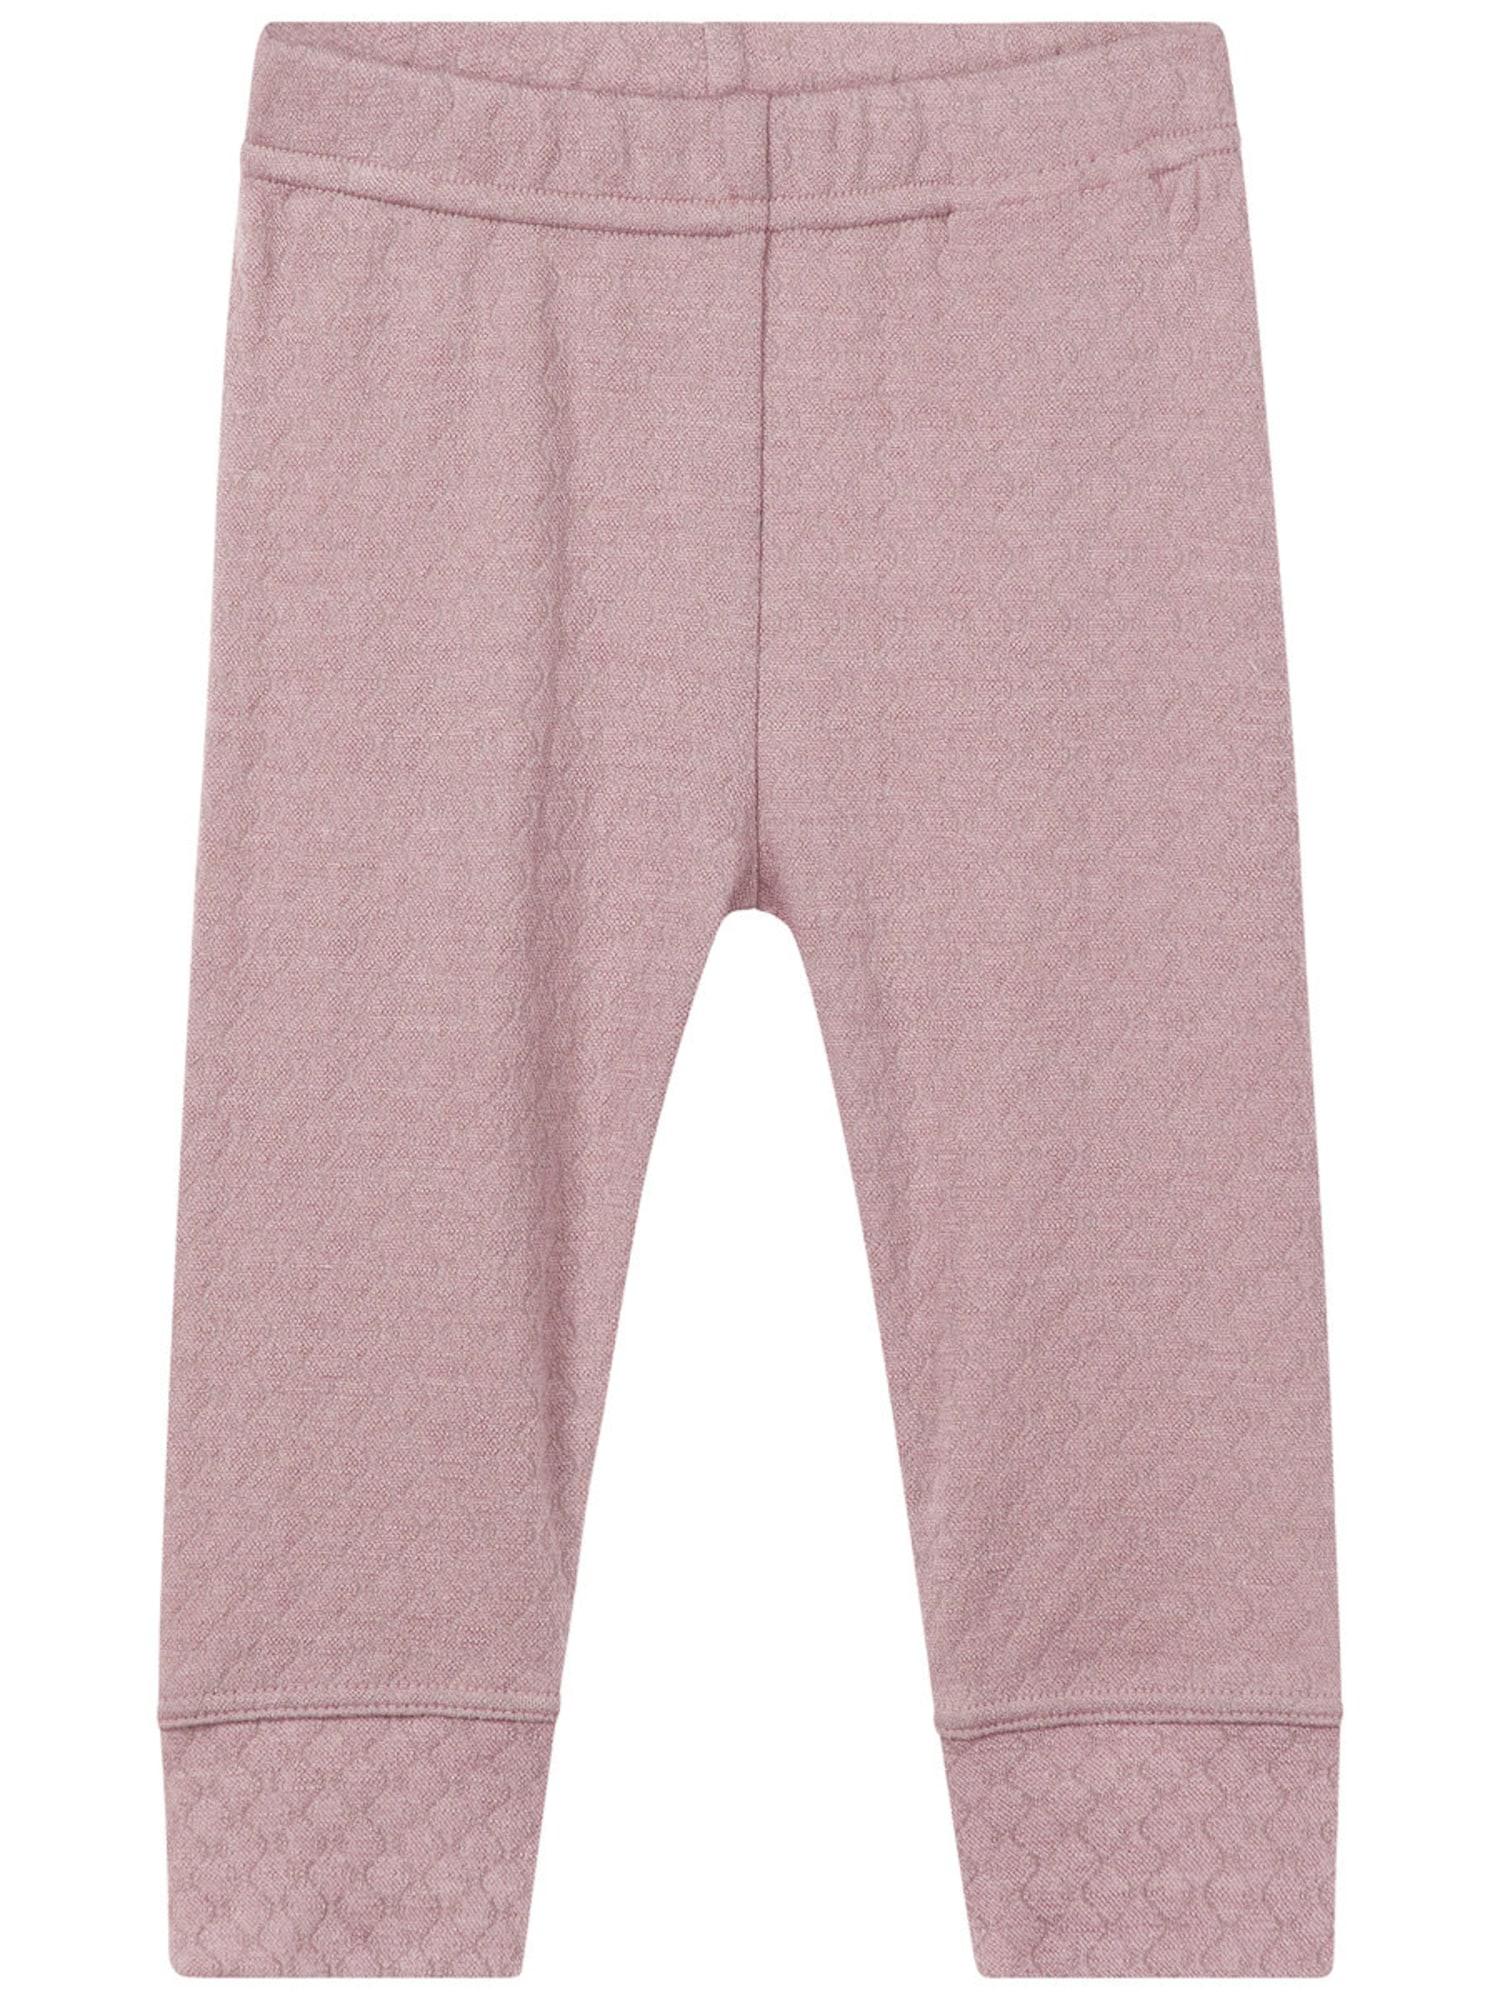 NAME IT Baby Wollen-zijde Legging Dames Roze